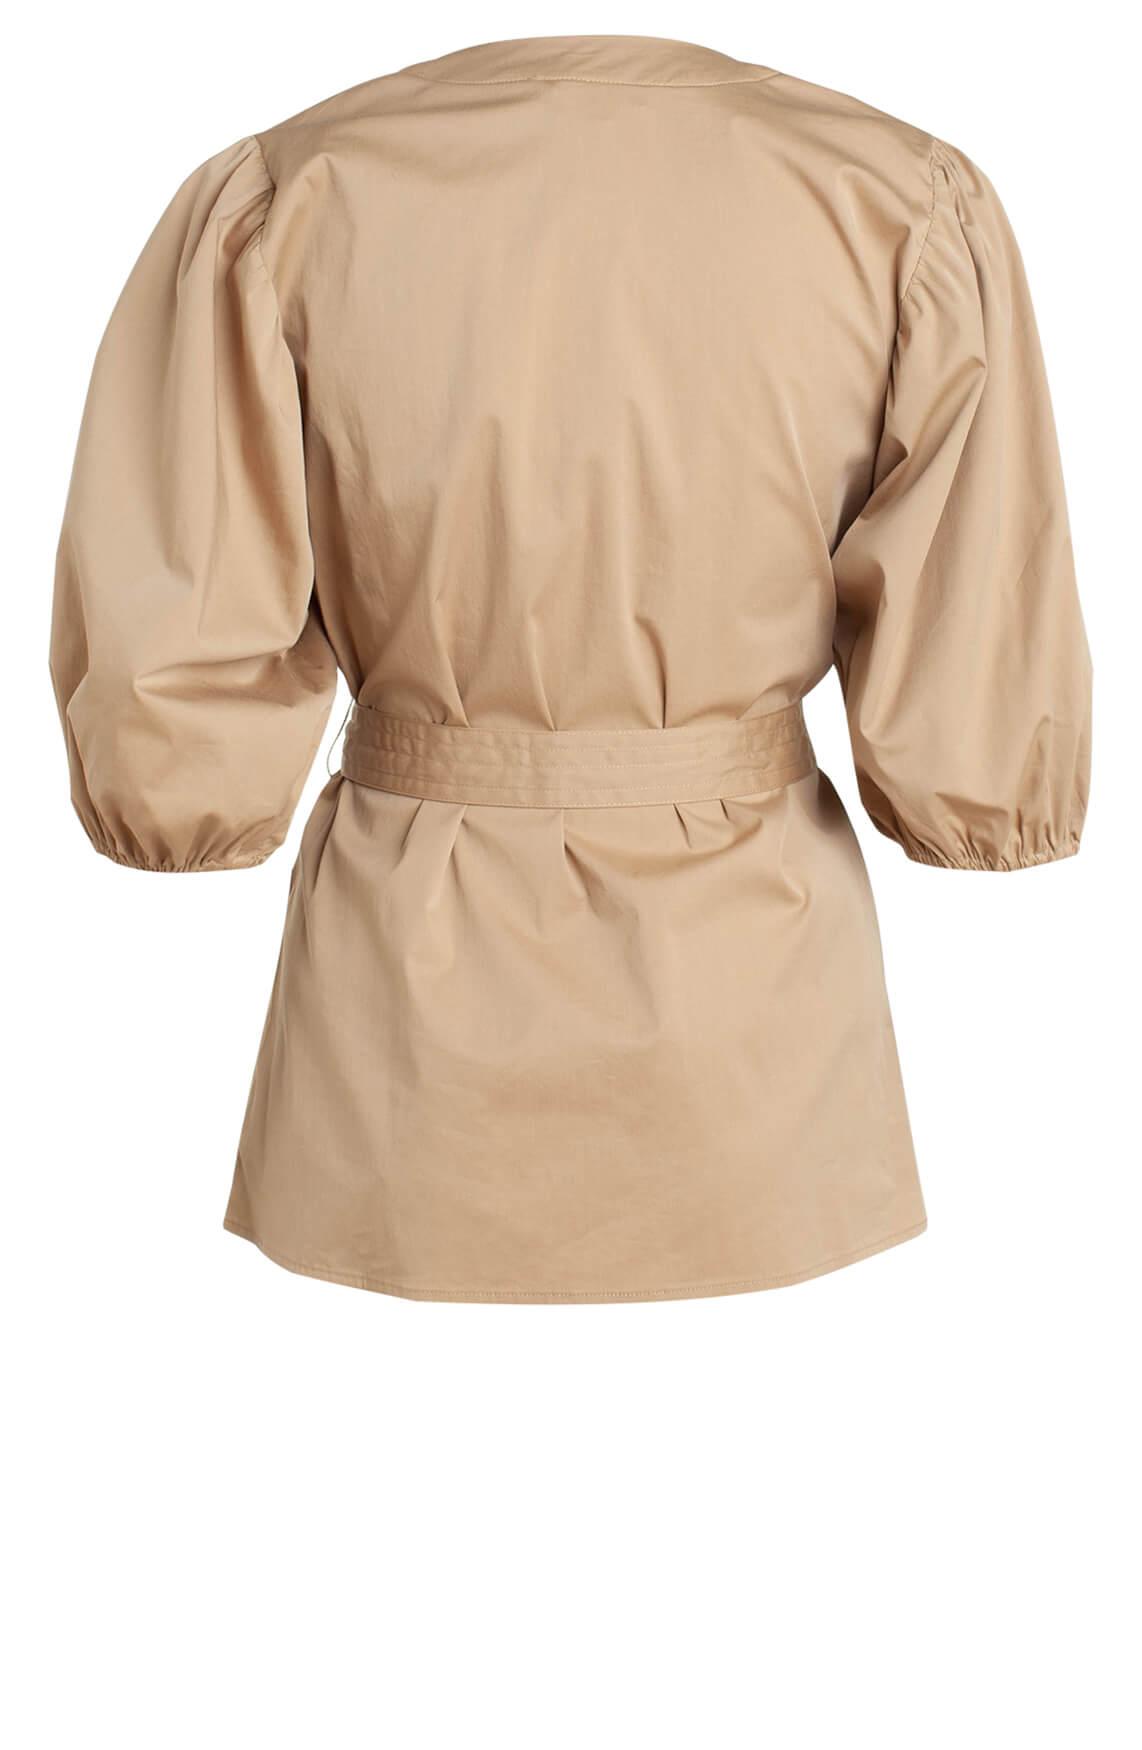 Co Couture Dames Pretoria shirt Bruin